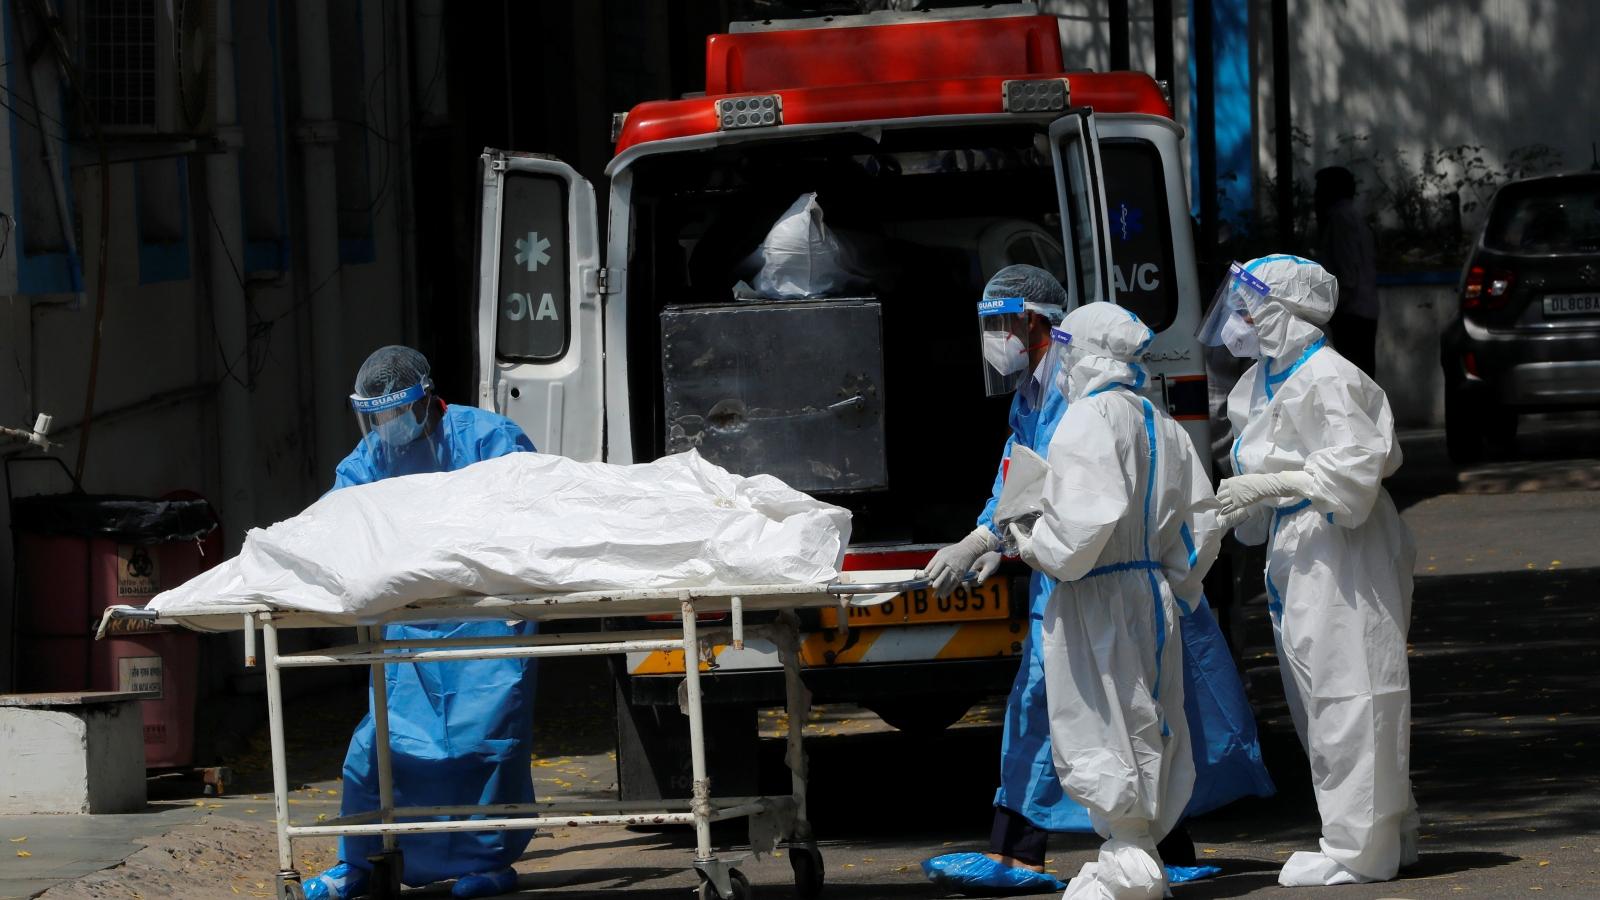 """Ấn Độ tiếp tục """"phá kỷ lục"""" về số ca mắc bệnh và tử vong do Covid-19"""